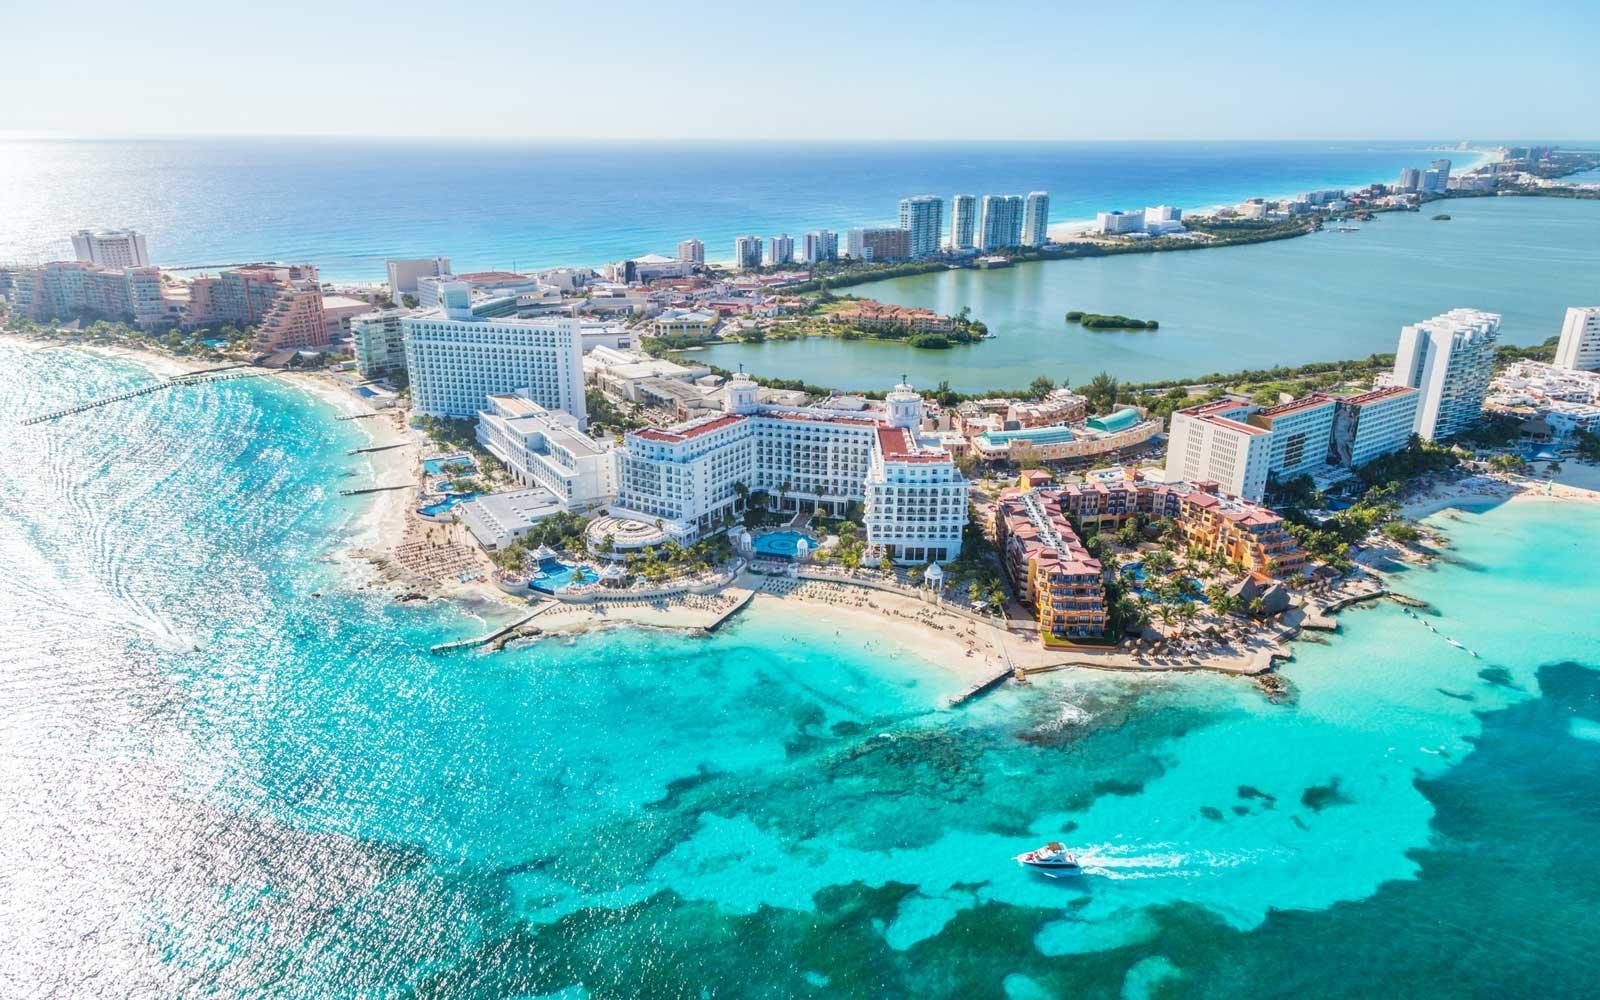 Recamara de residencia en Cancun